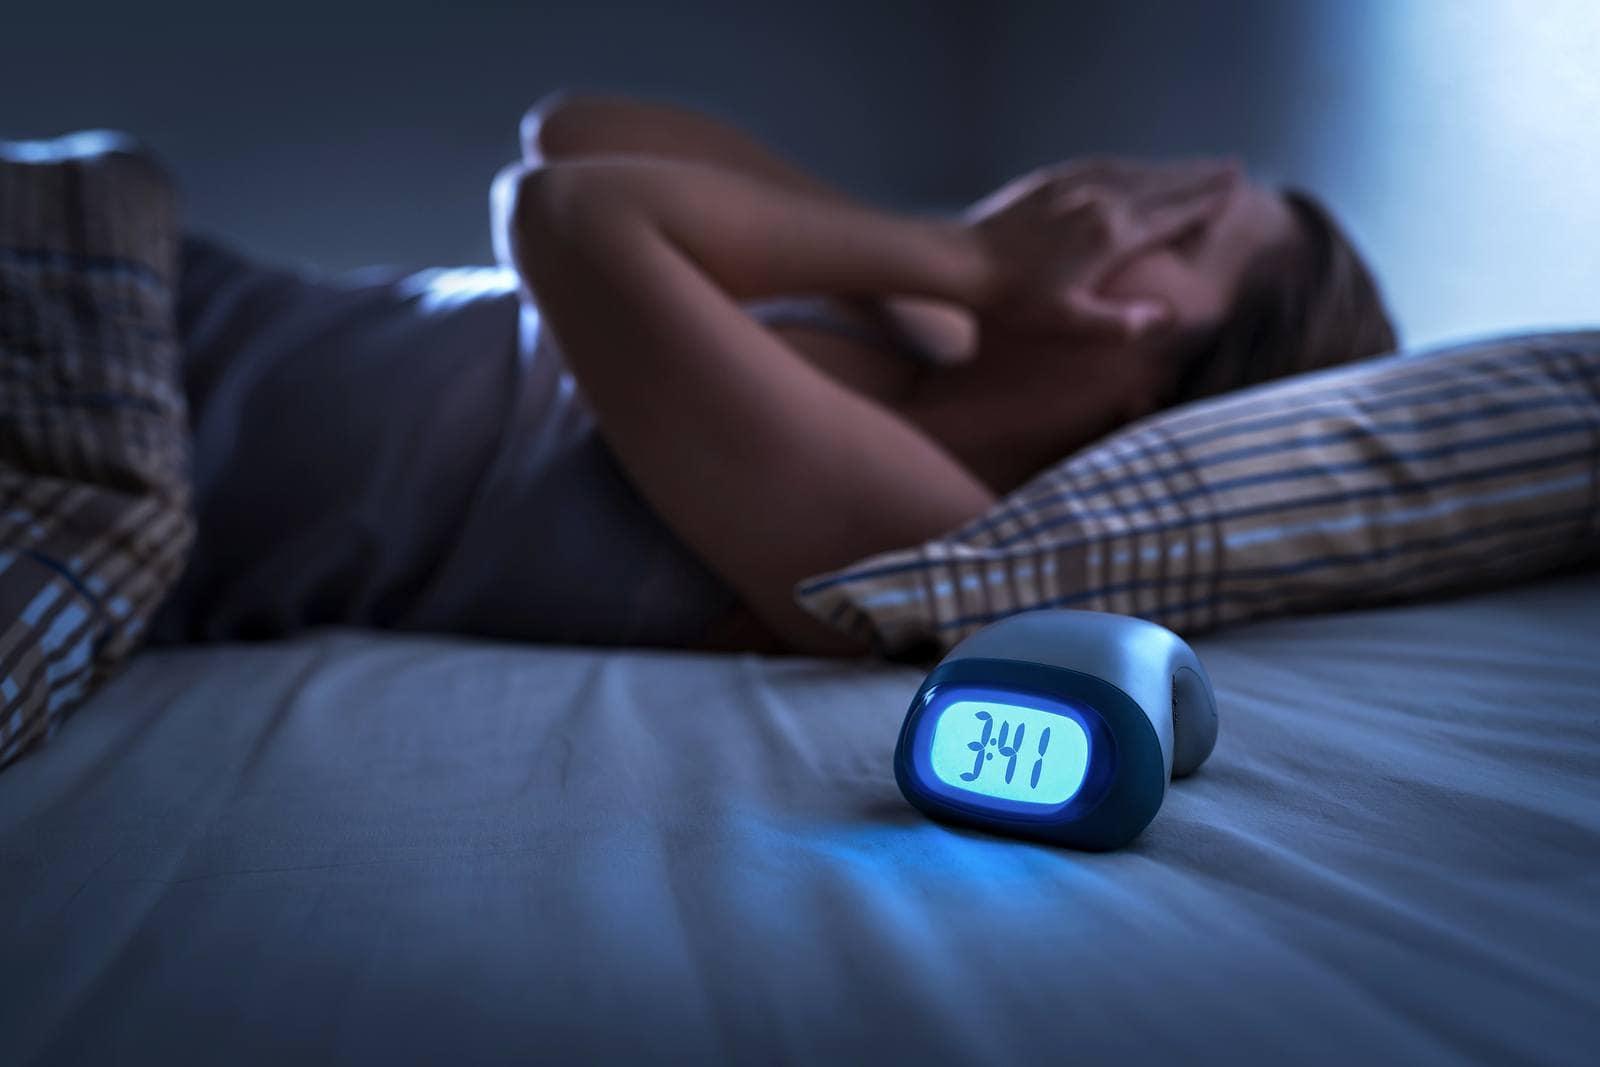 izotóniás gyakorlat magas vérnyomás esetén sinuforte magas vérnyomás esetén